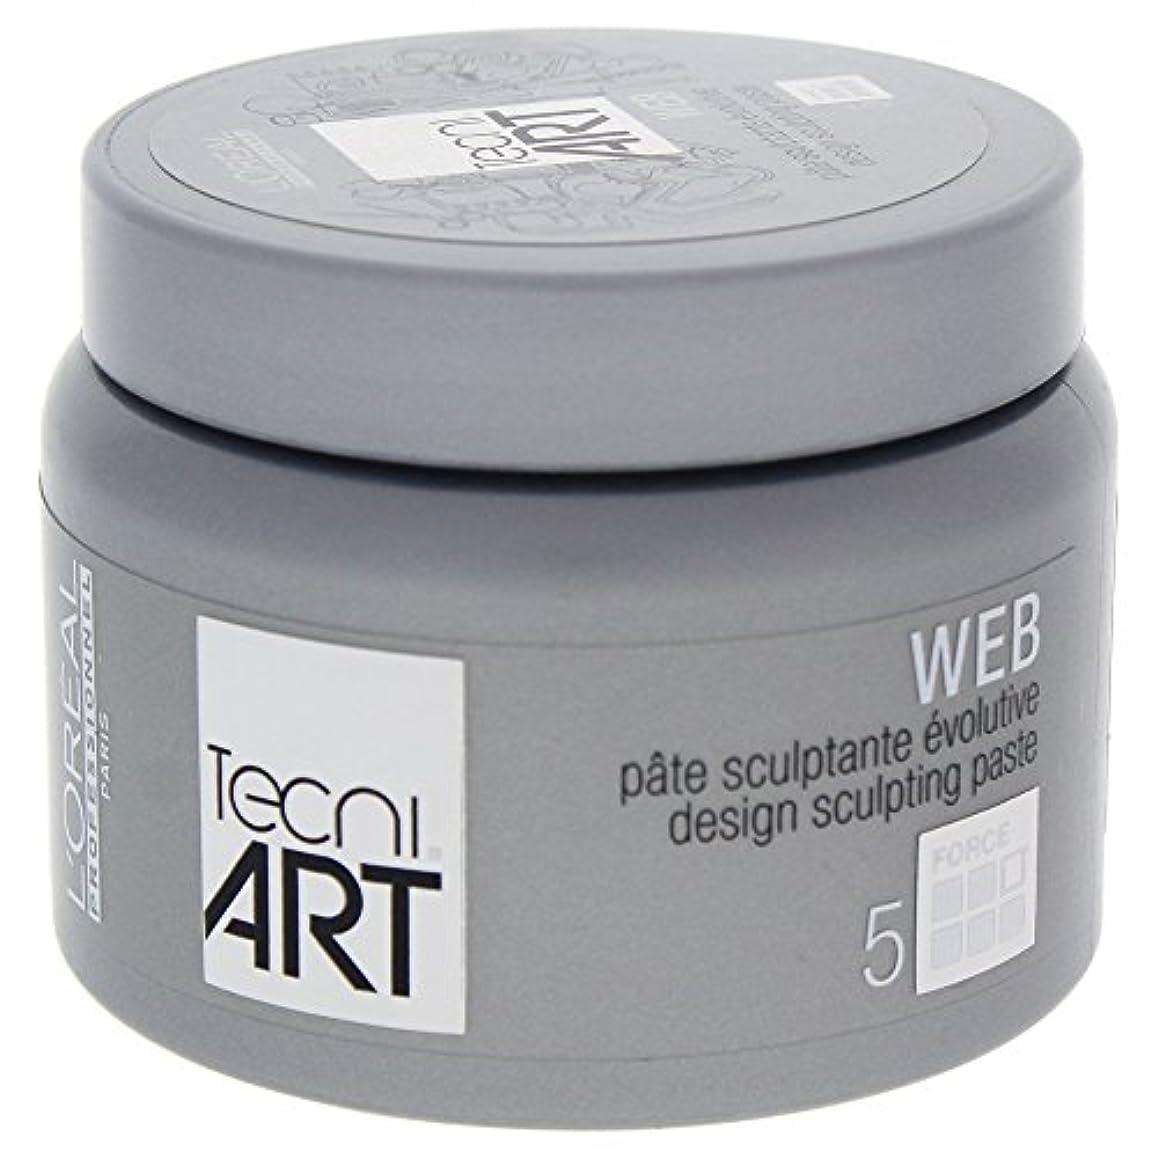 たぶんティーム強制的ロレアルテクニアートTecni Art Force 5 Web Design Sculpting Paste